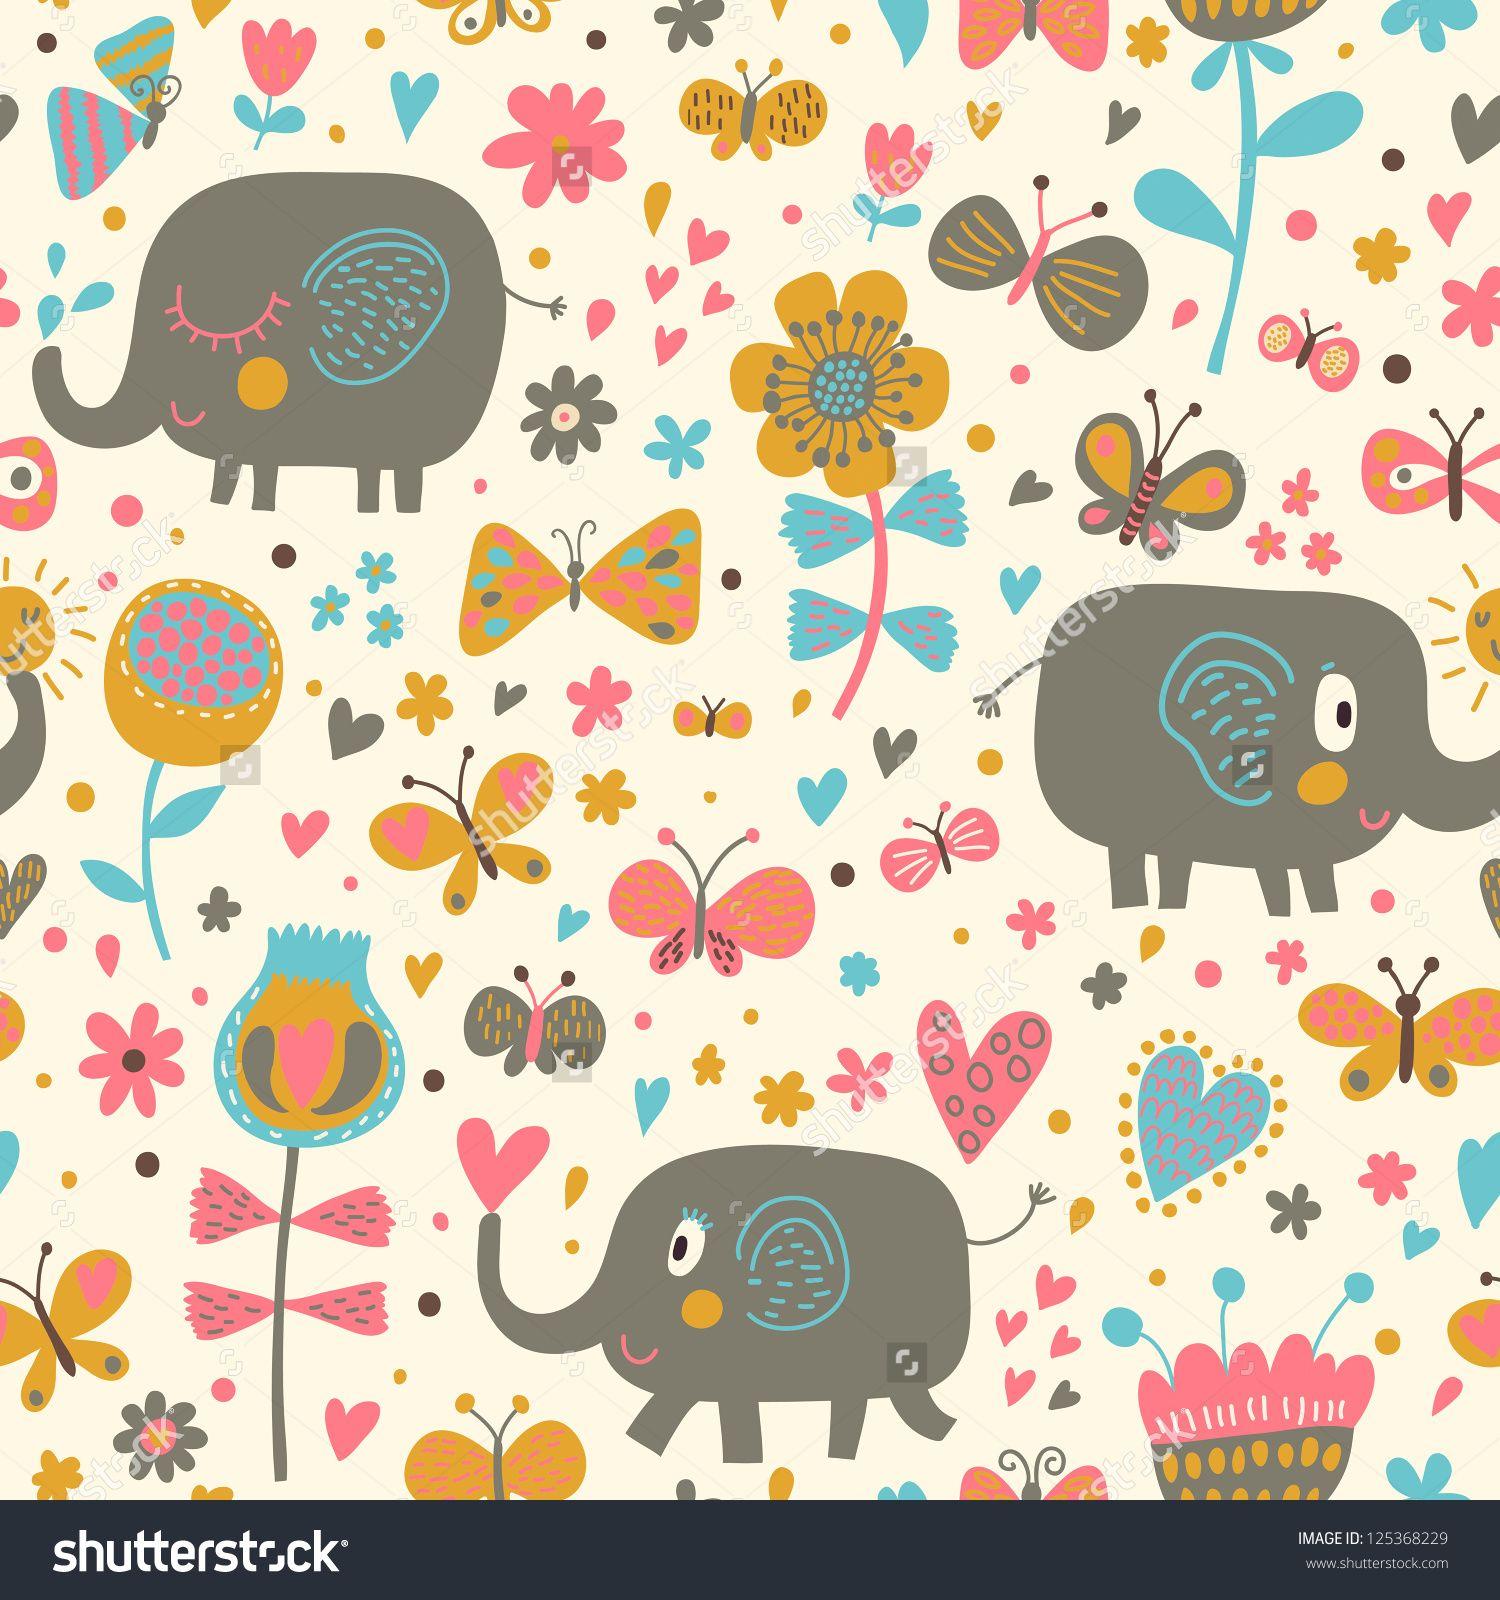 Fantastic Wallpaper Cartoon Elephant - c86da19778fda24d367716539efdd903  You Should Have_111957  .jpg